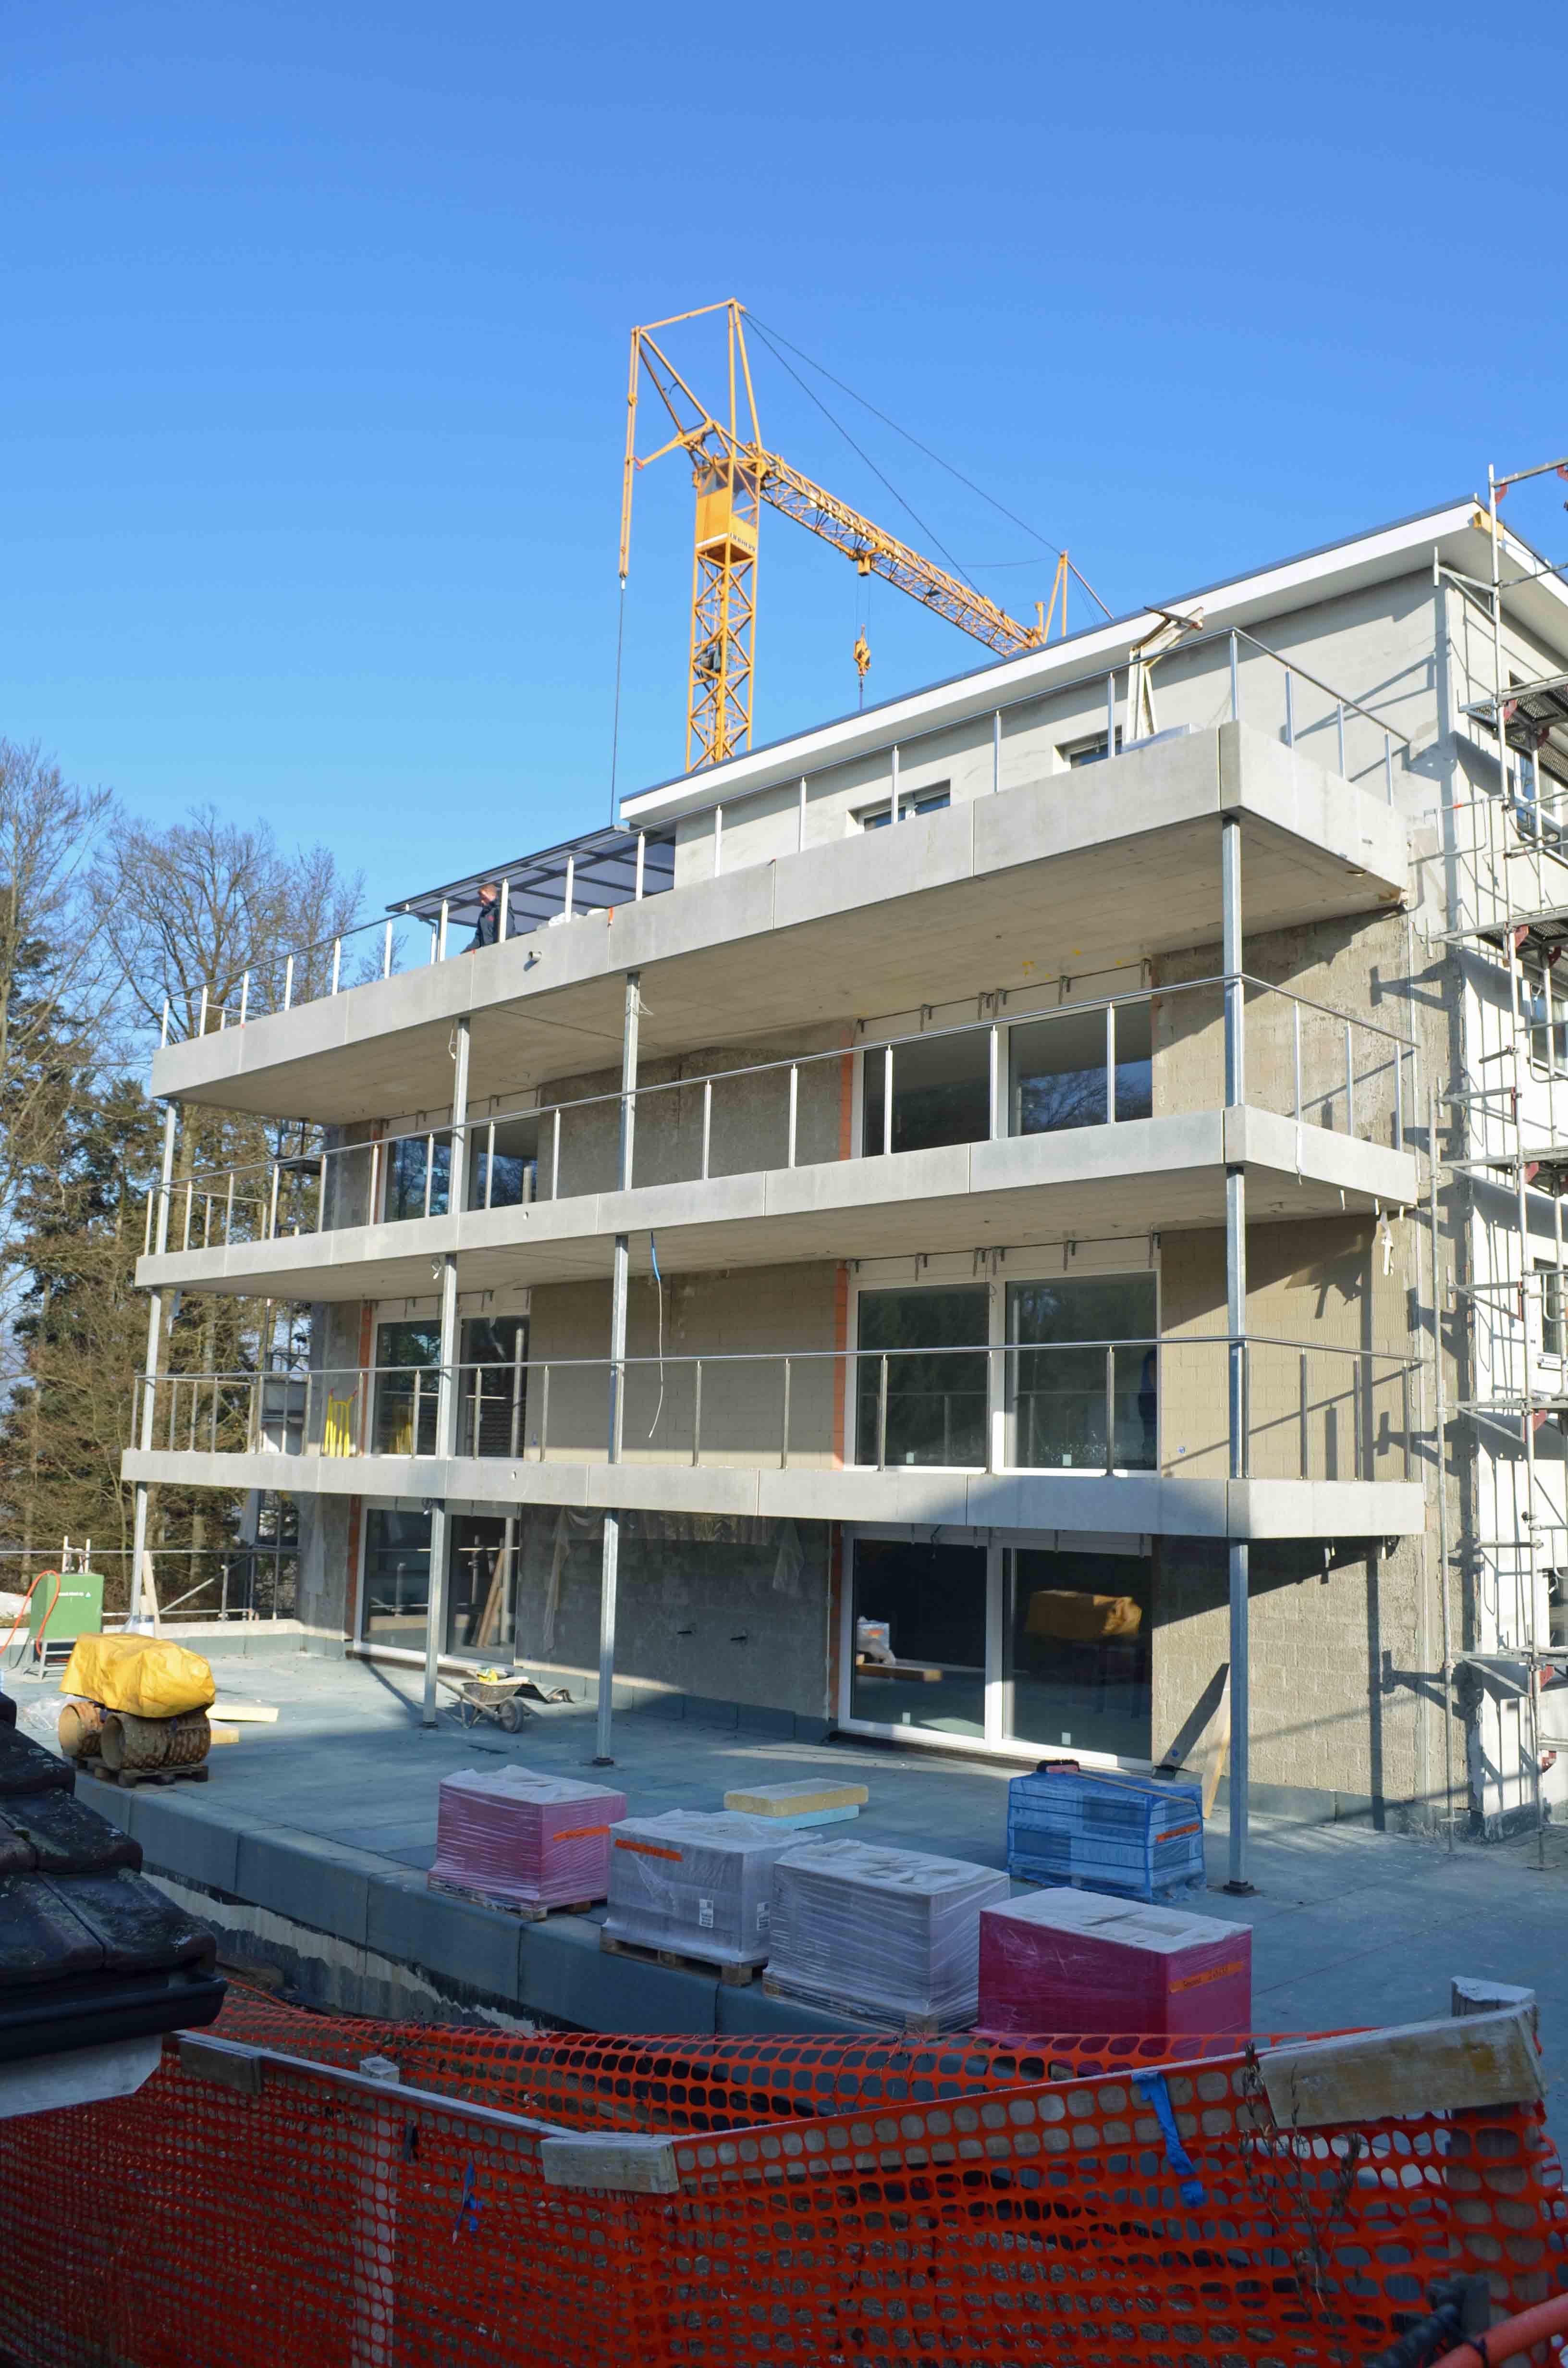 Glash tten neubau mehrfamilienhaus for Mehrfamilienhaus neubau